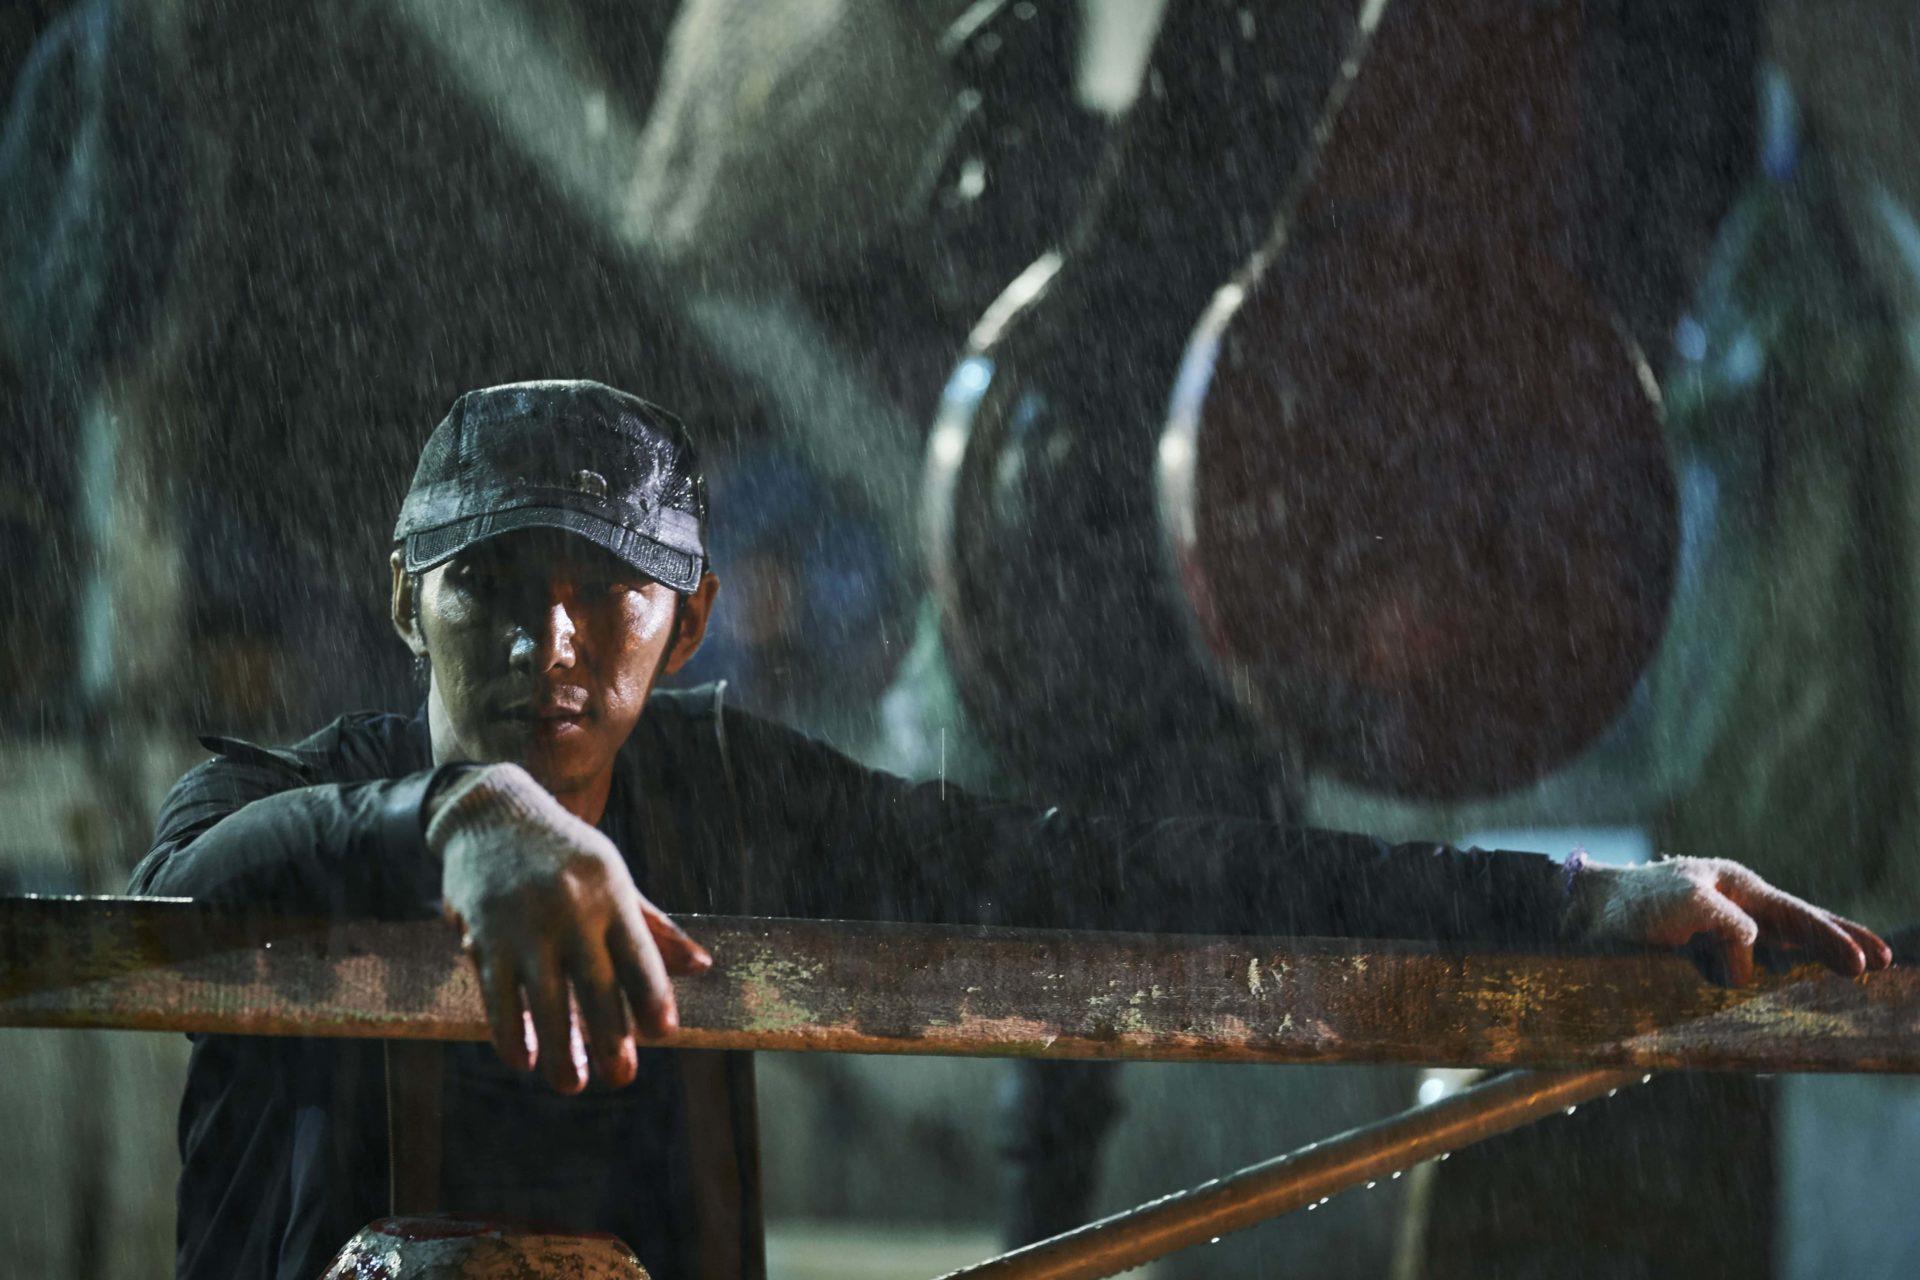 暖心奇幻電影《嗨!神獸》喜成台灣之光 前進韓國兩大國際兒童影展再創佳績